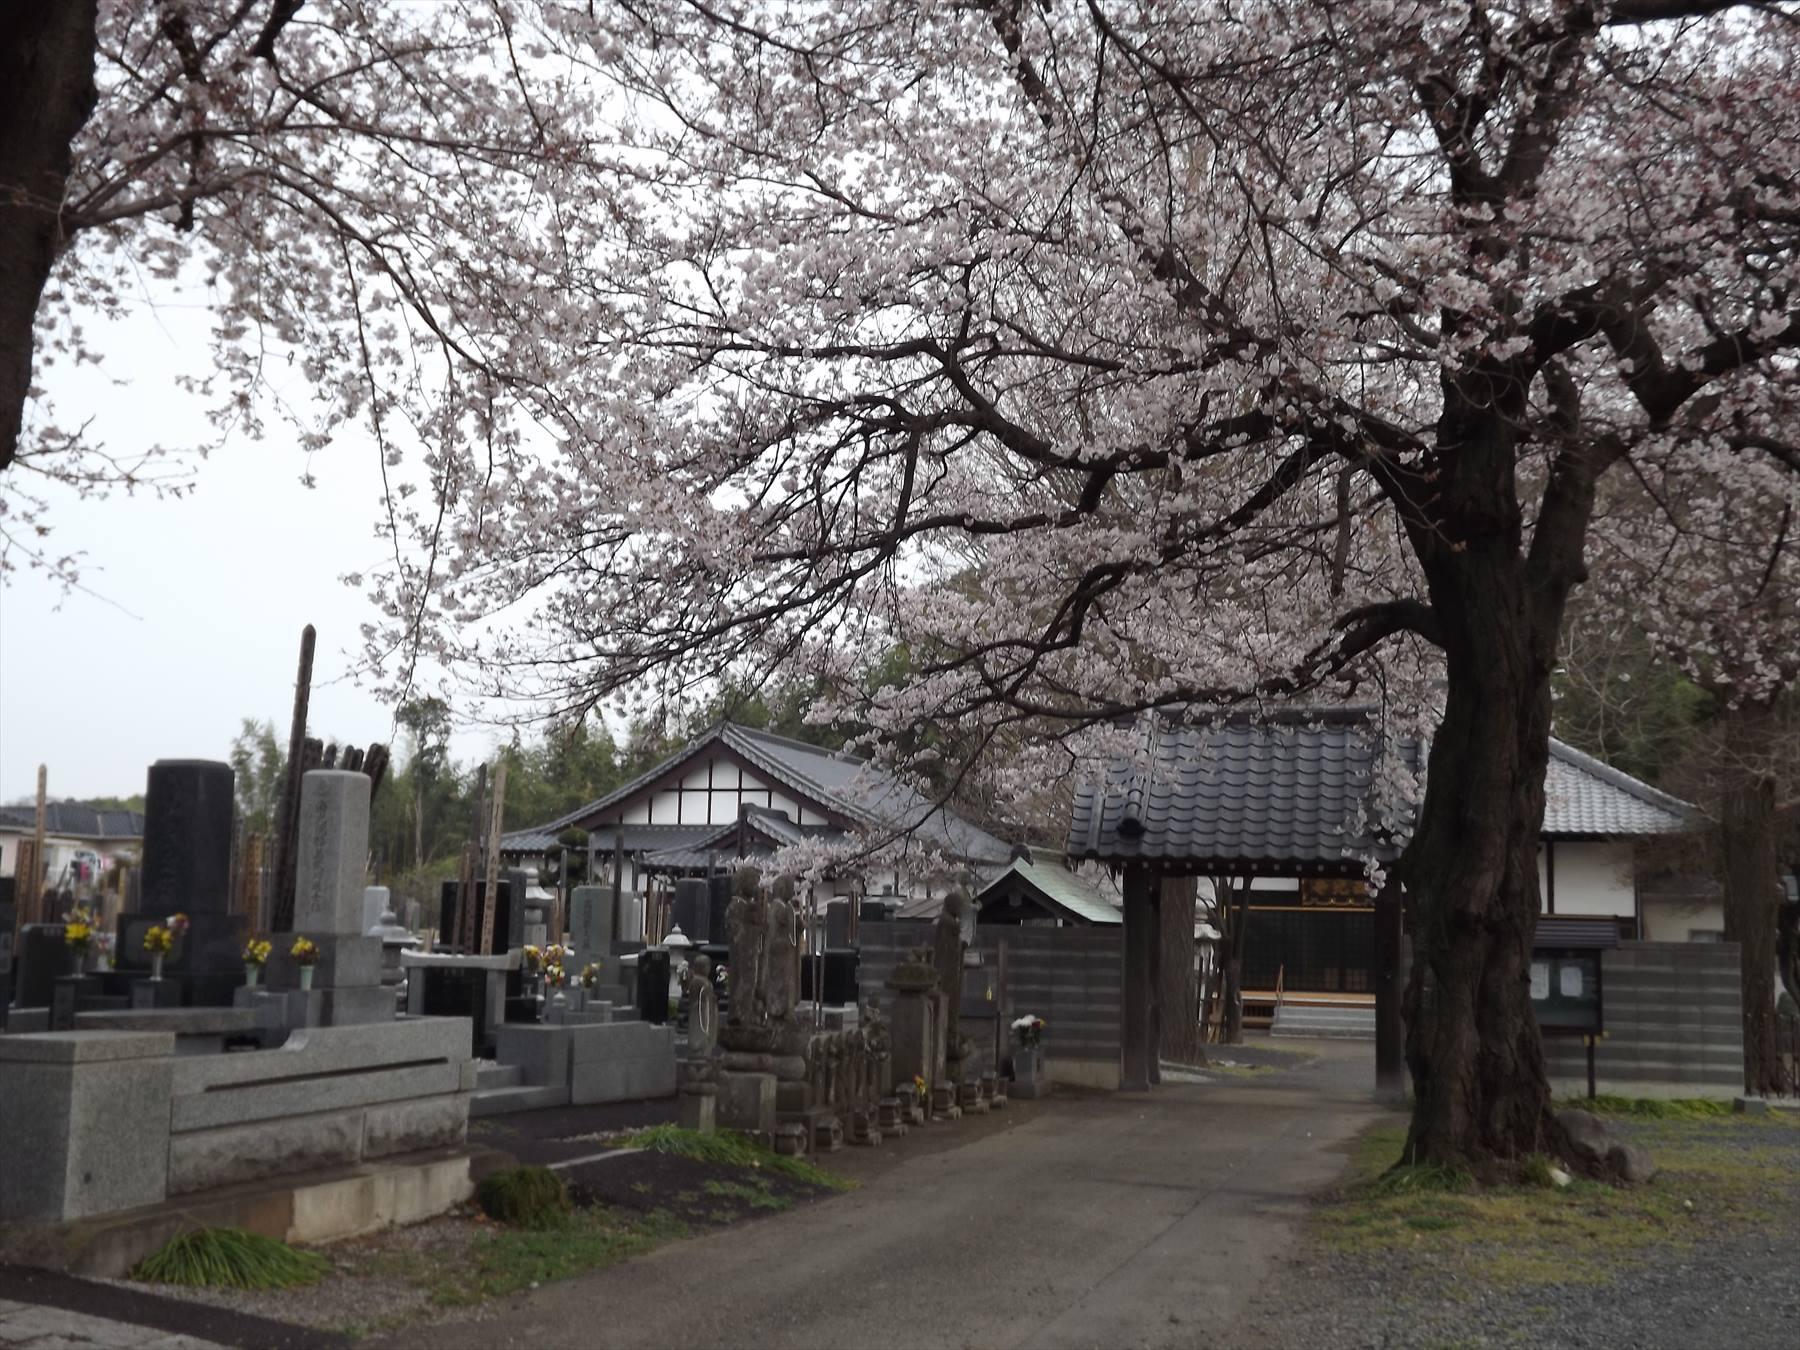 ・埼玉県伊奈町 西光寺の桜が満開です | 霊園とお墓のはなし